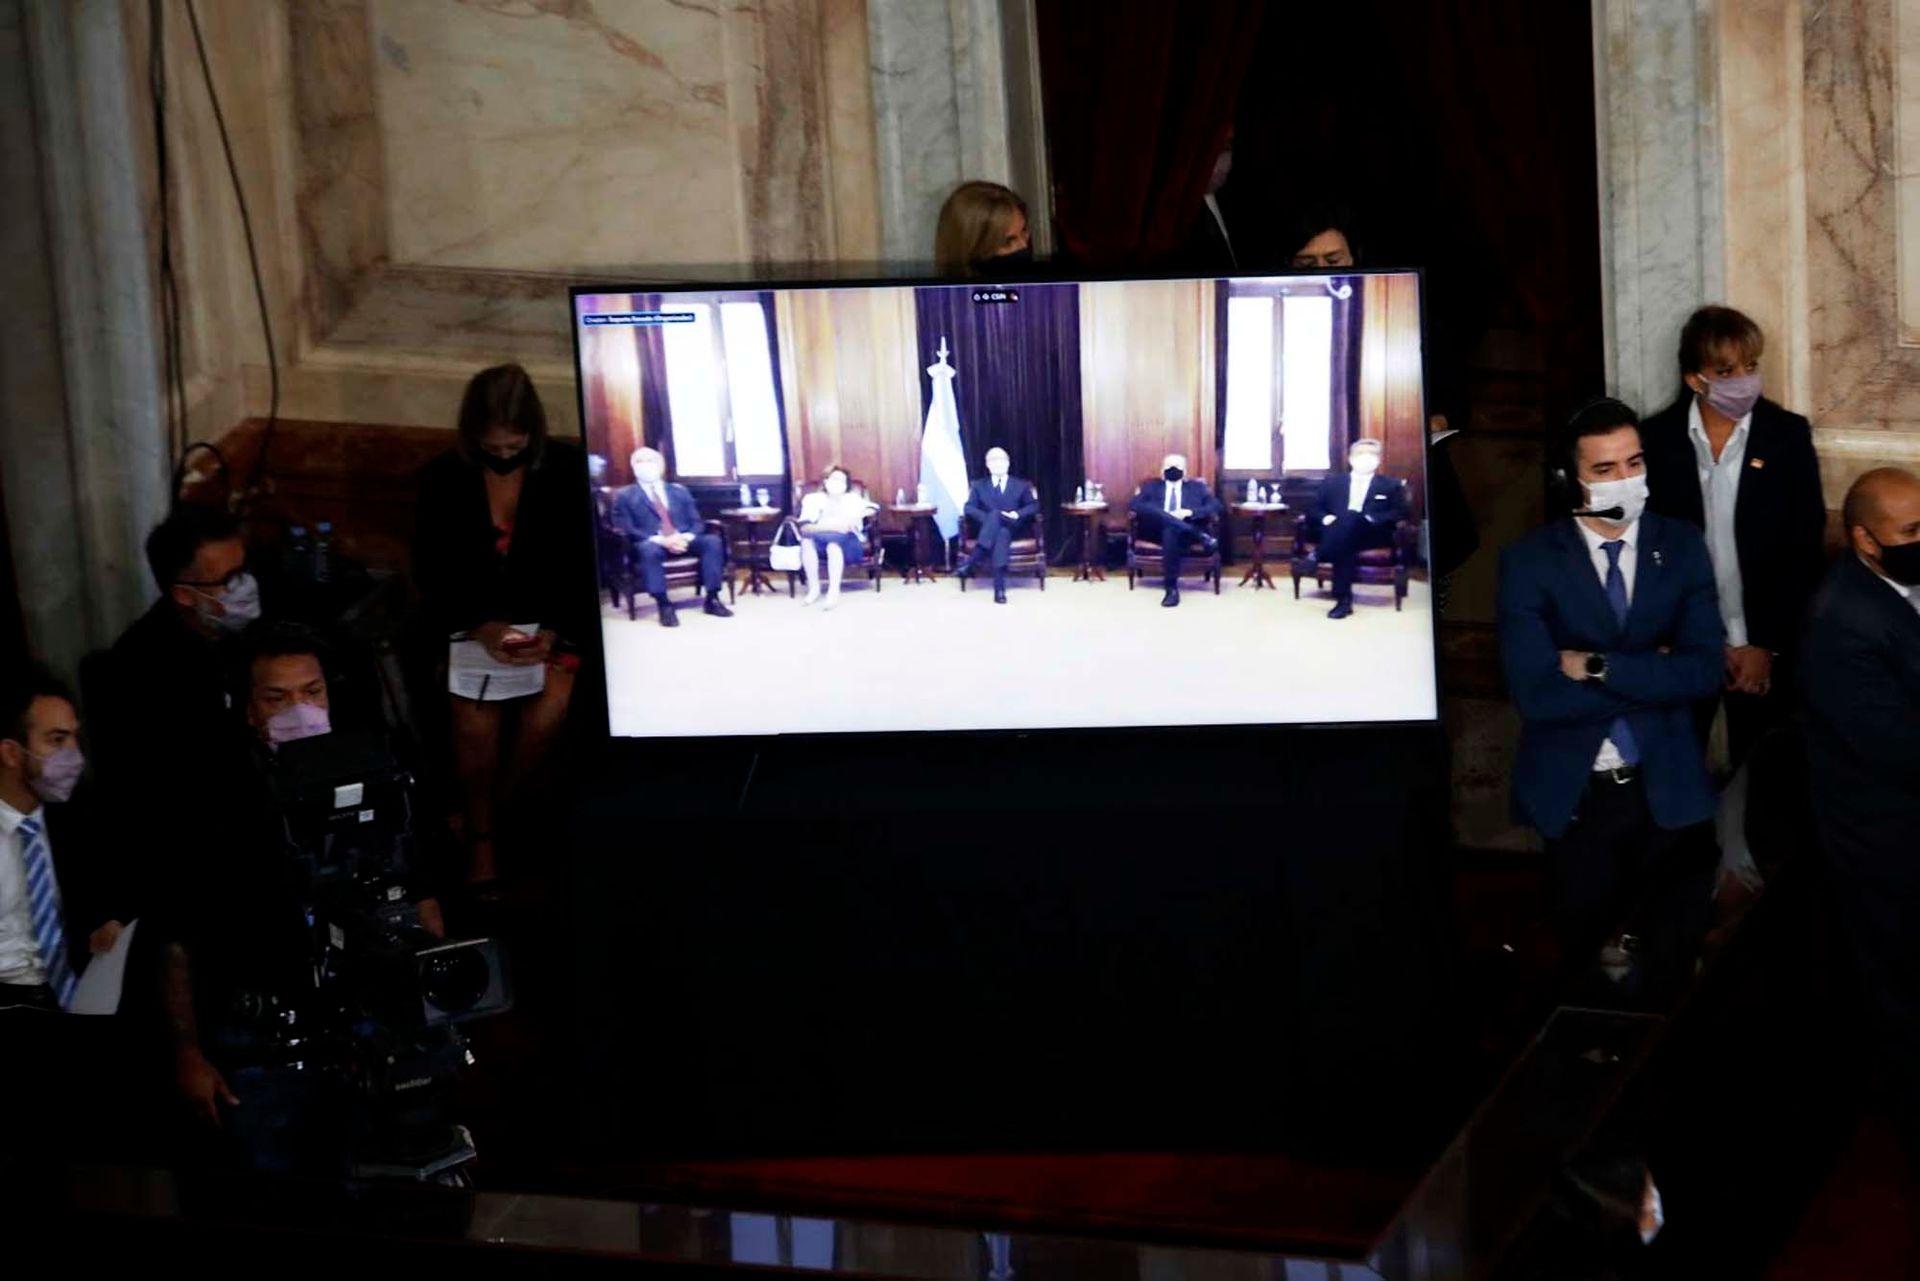 Los miembros de la Corte Suprema escuchan por videoconferencia el discurso presidencial por la apertura de las Sesiones Legislativas en el Congreso de La Nación